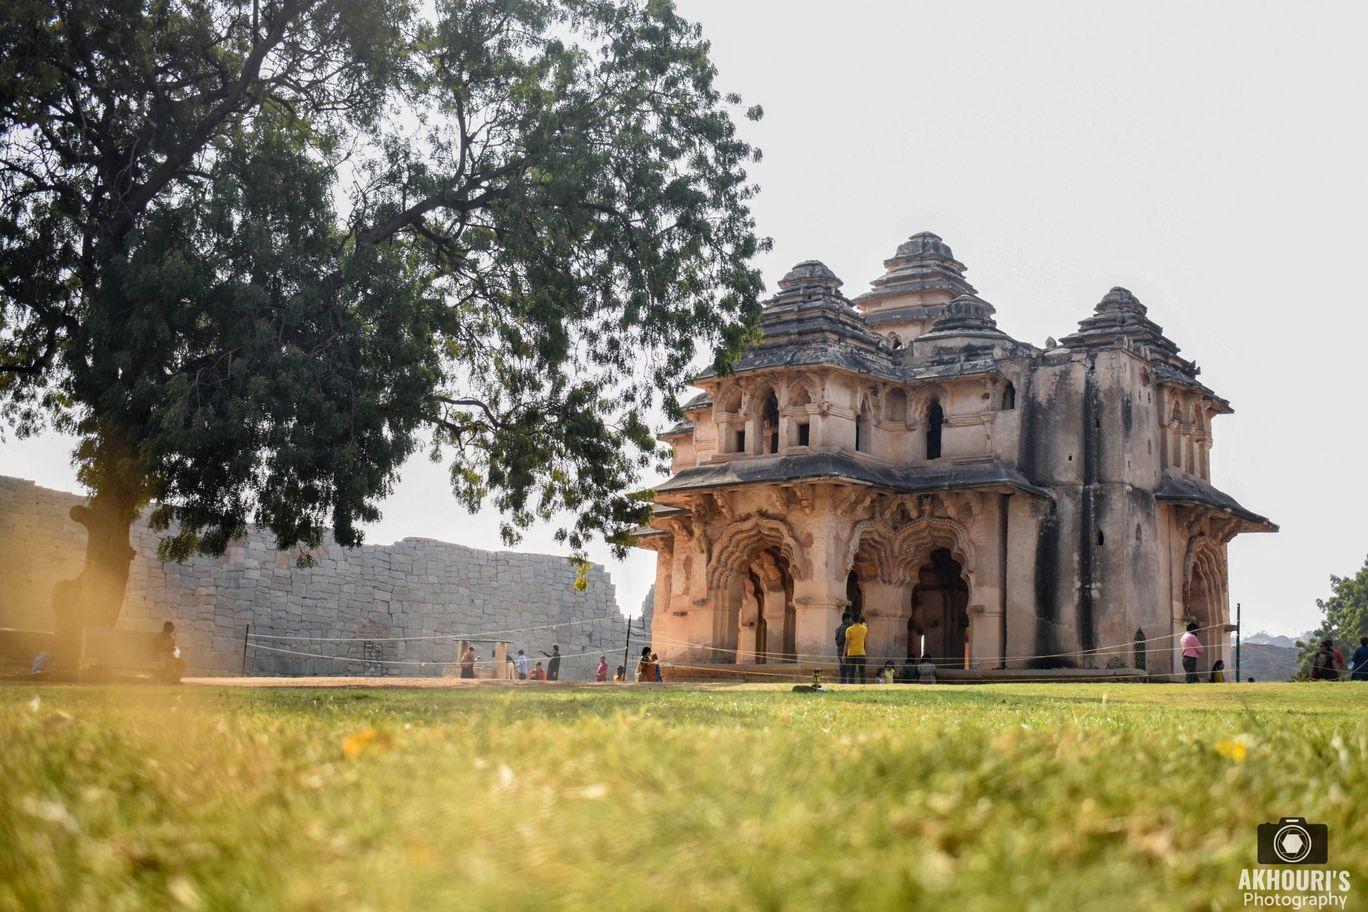 Photo of Zanana Enclosure By Saurav Akhouri